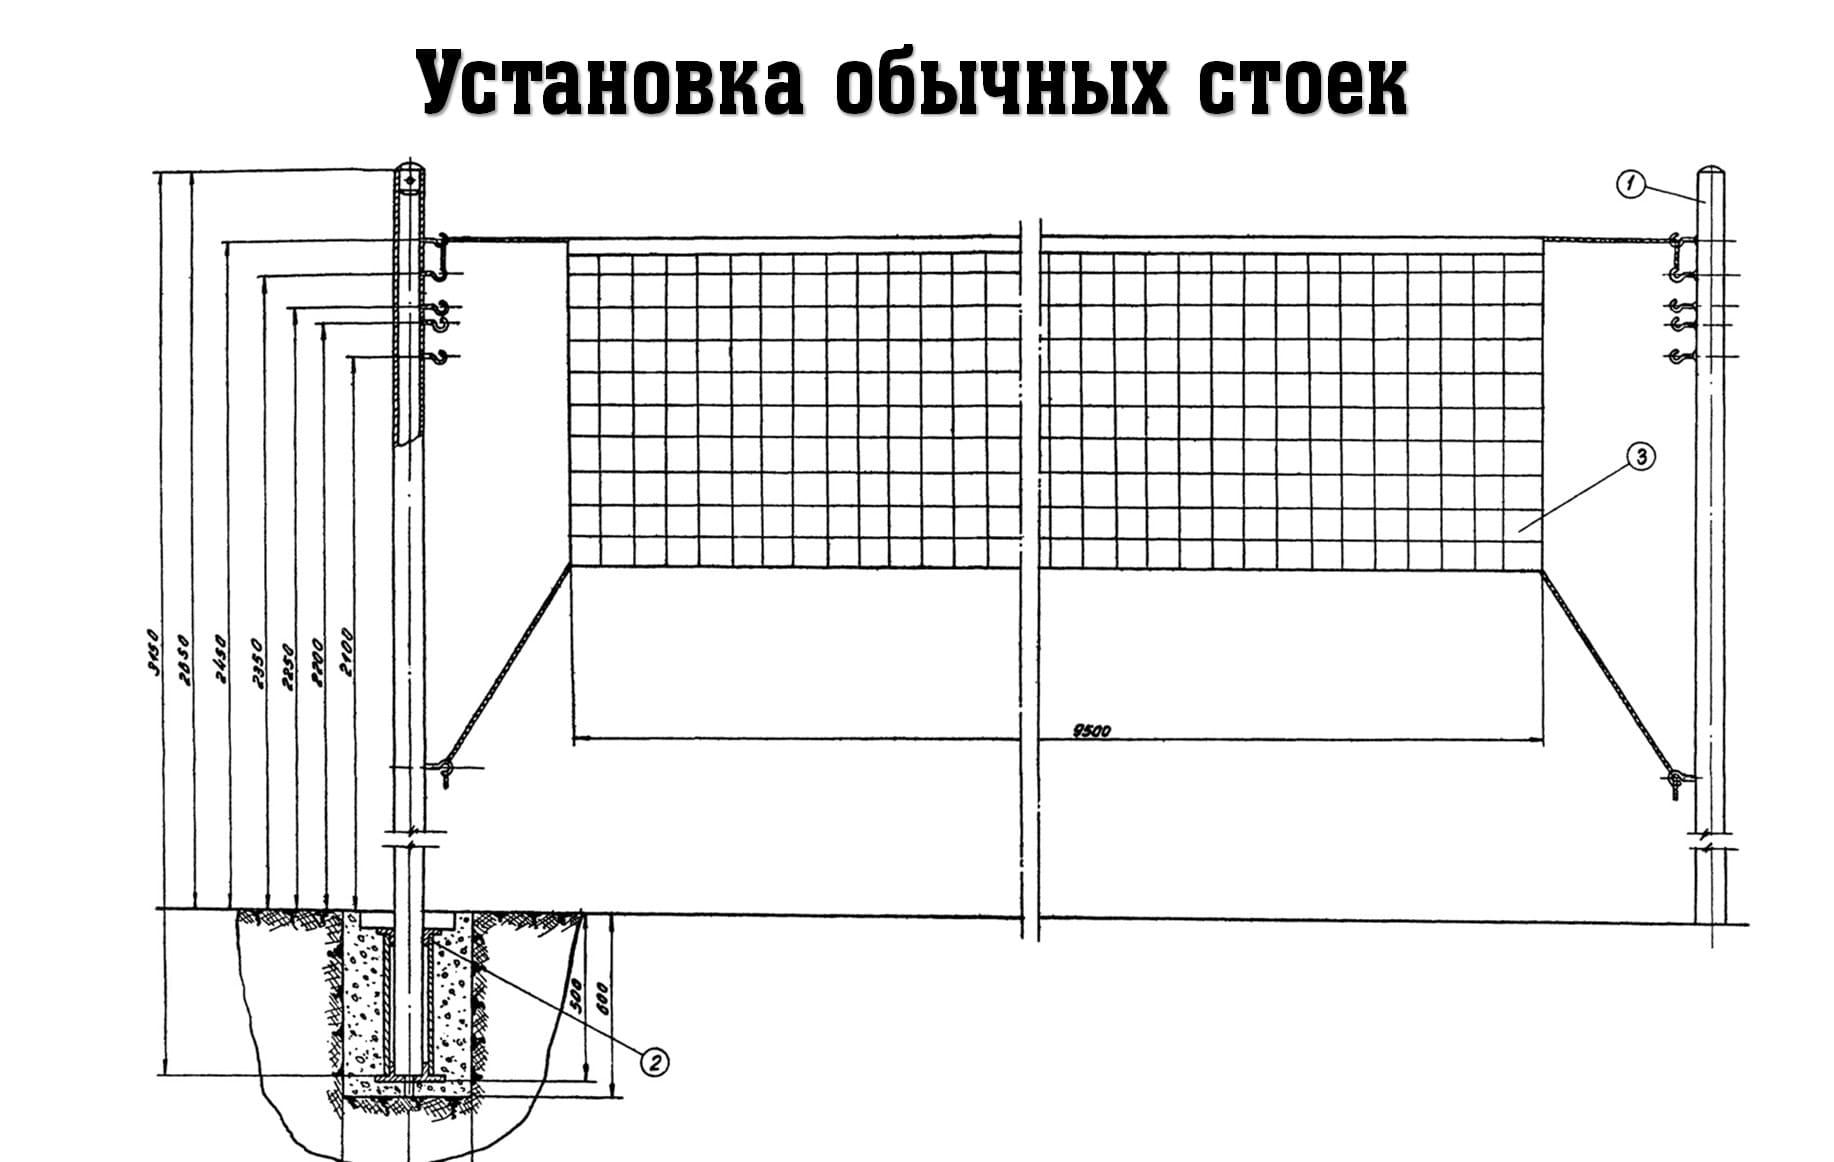 Установка обычной стойки для волейбола- бетонирование схема